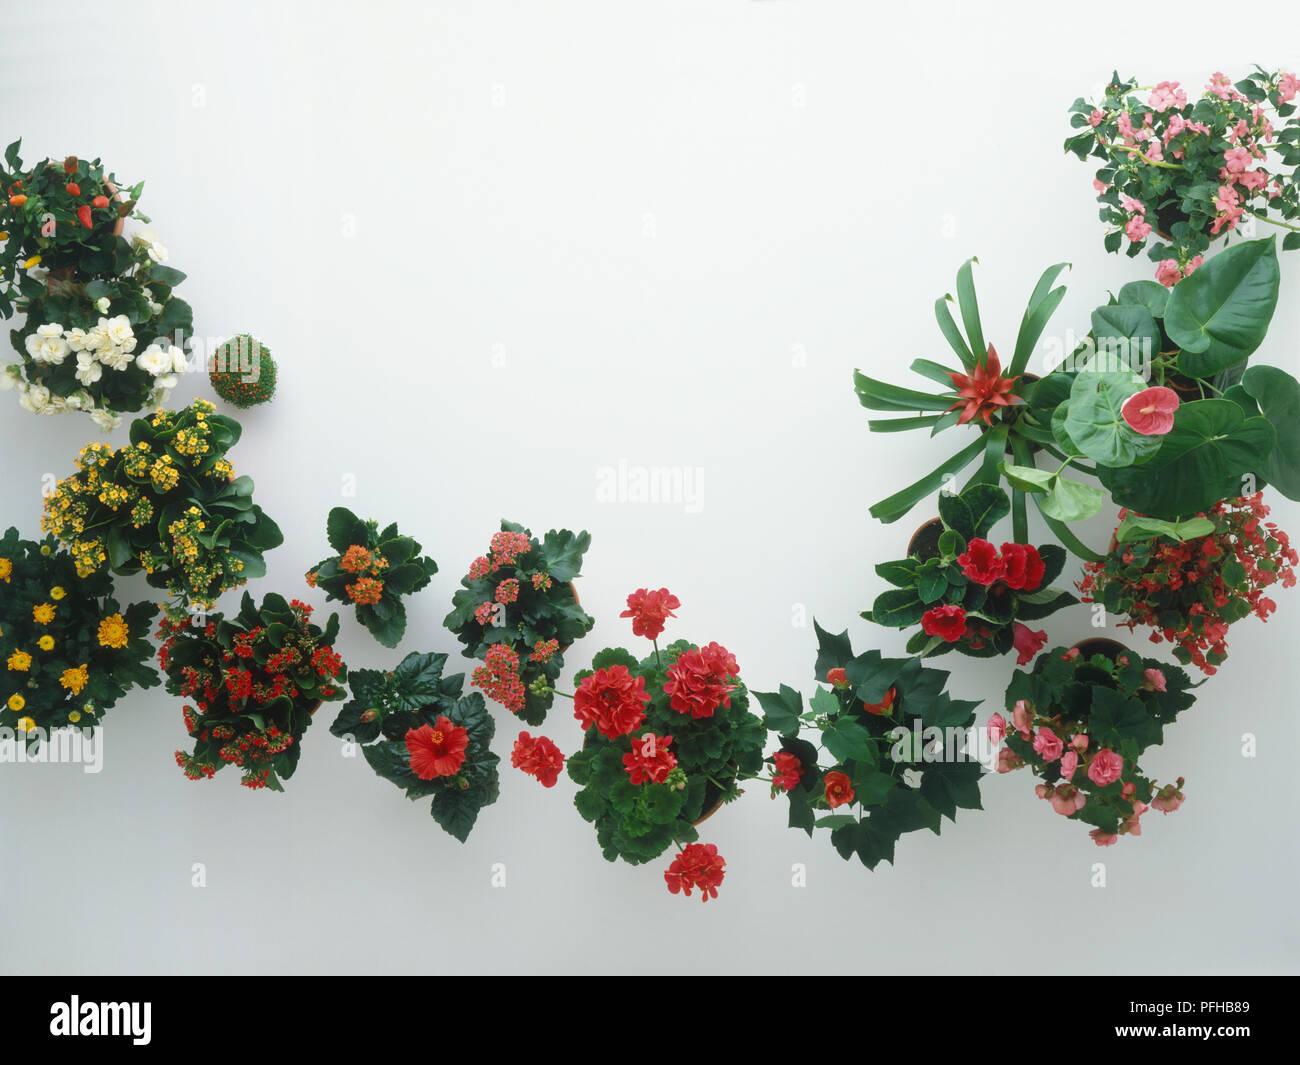 Auswahl Der Bluhende Zimmerpflanzen Einschliesslich Begonia Raupe